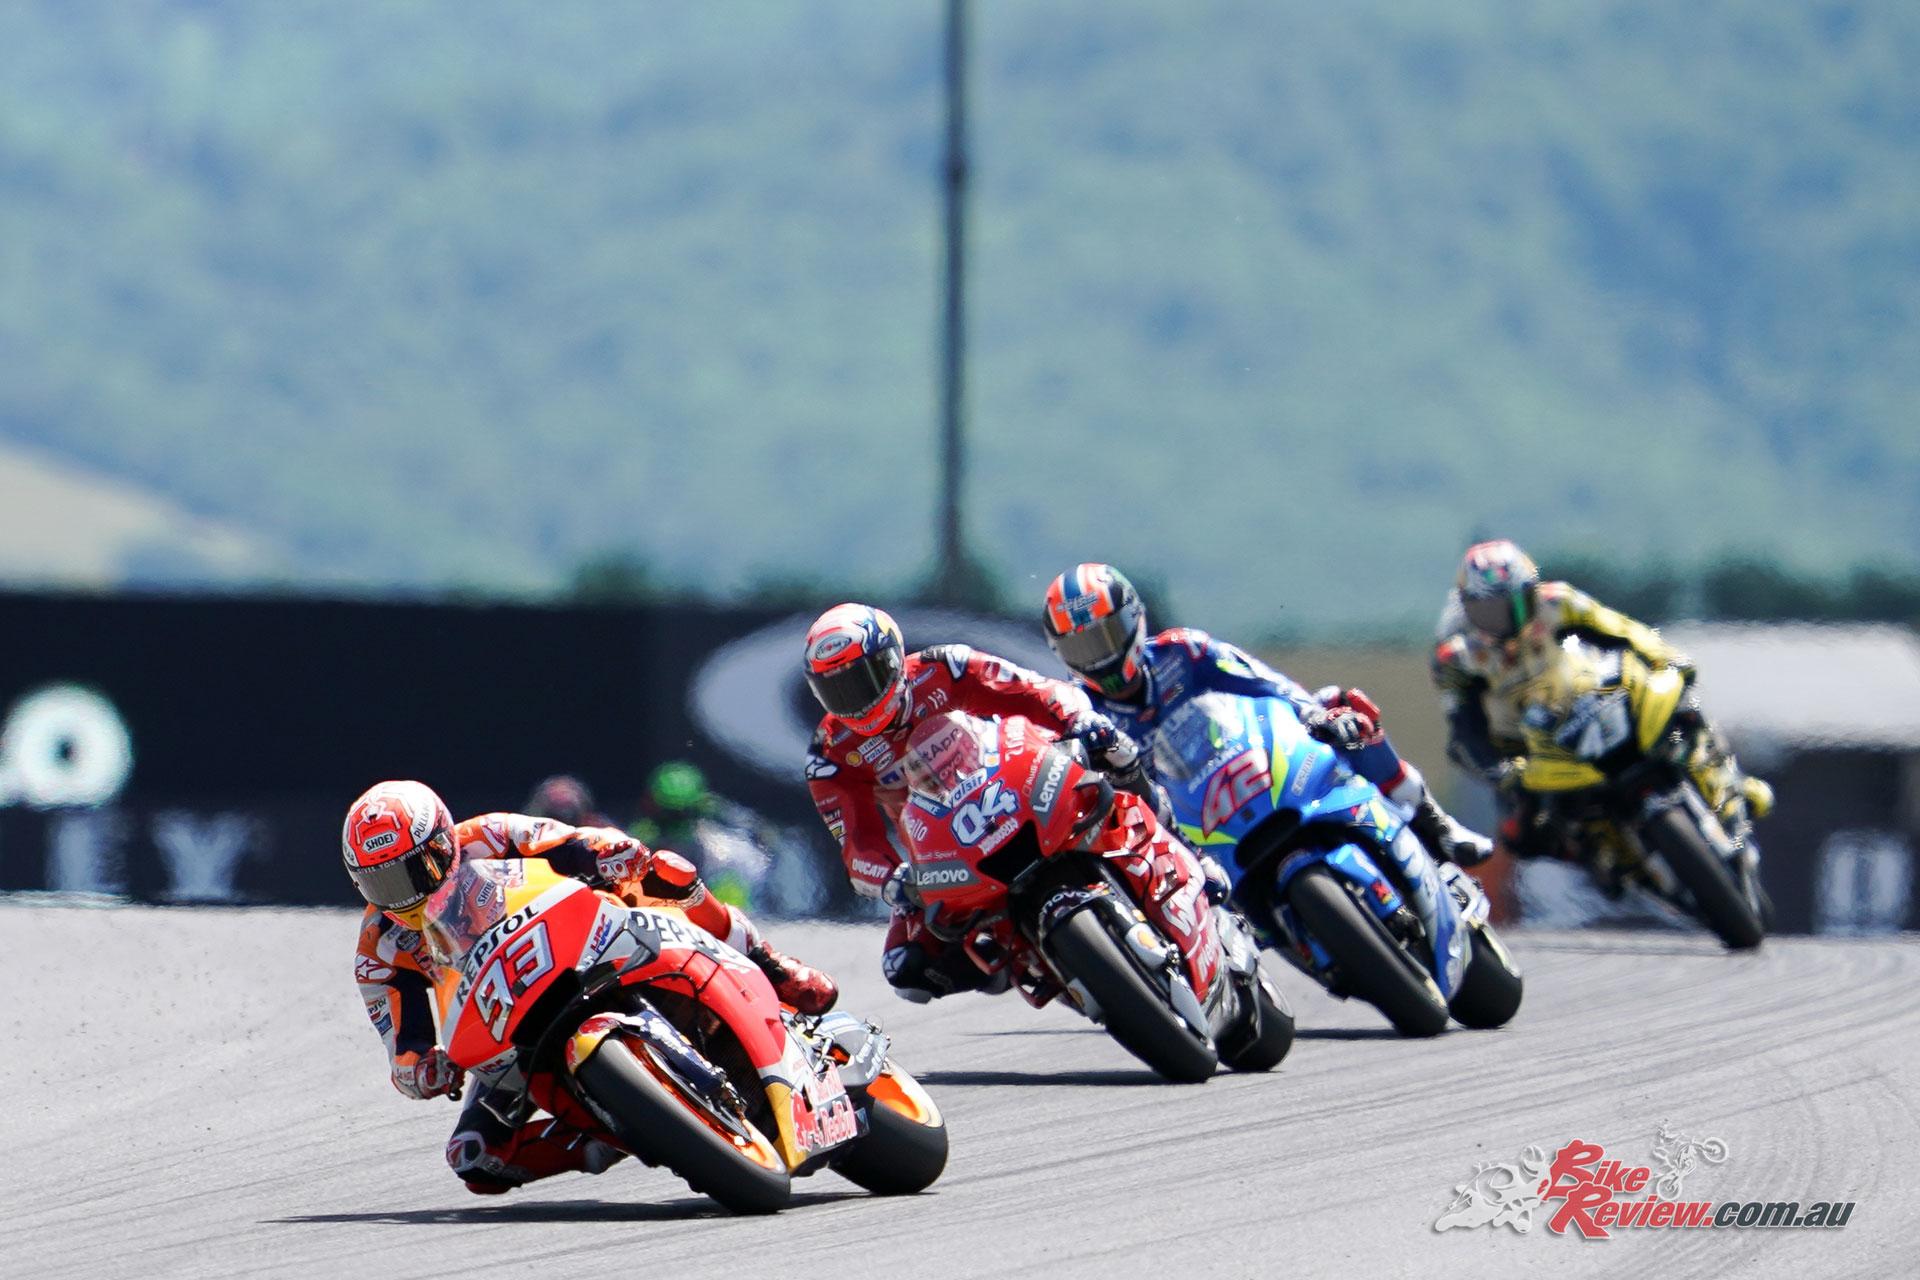 Marc Marquez - 2019 MotoGP Round 6 Mugello